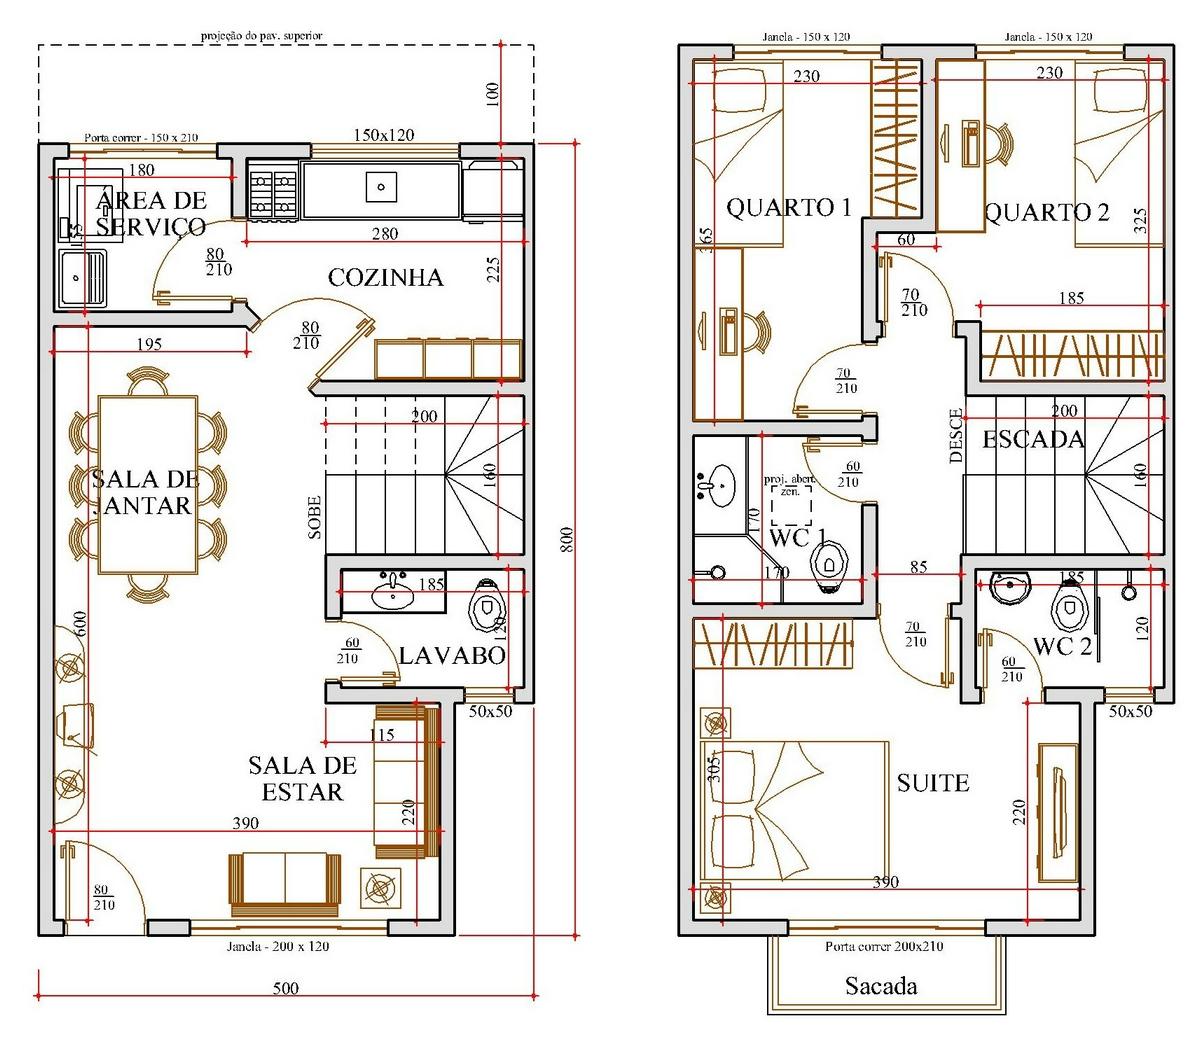 #9A3431 Projetos de sobrados com 3 quartos grátis Decorando Casas 1200x1040 px projeto banheiro 2 metros quadrados